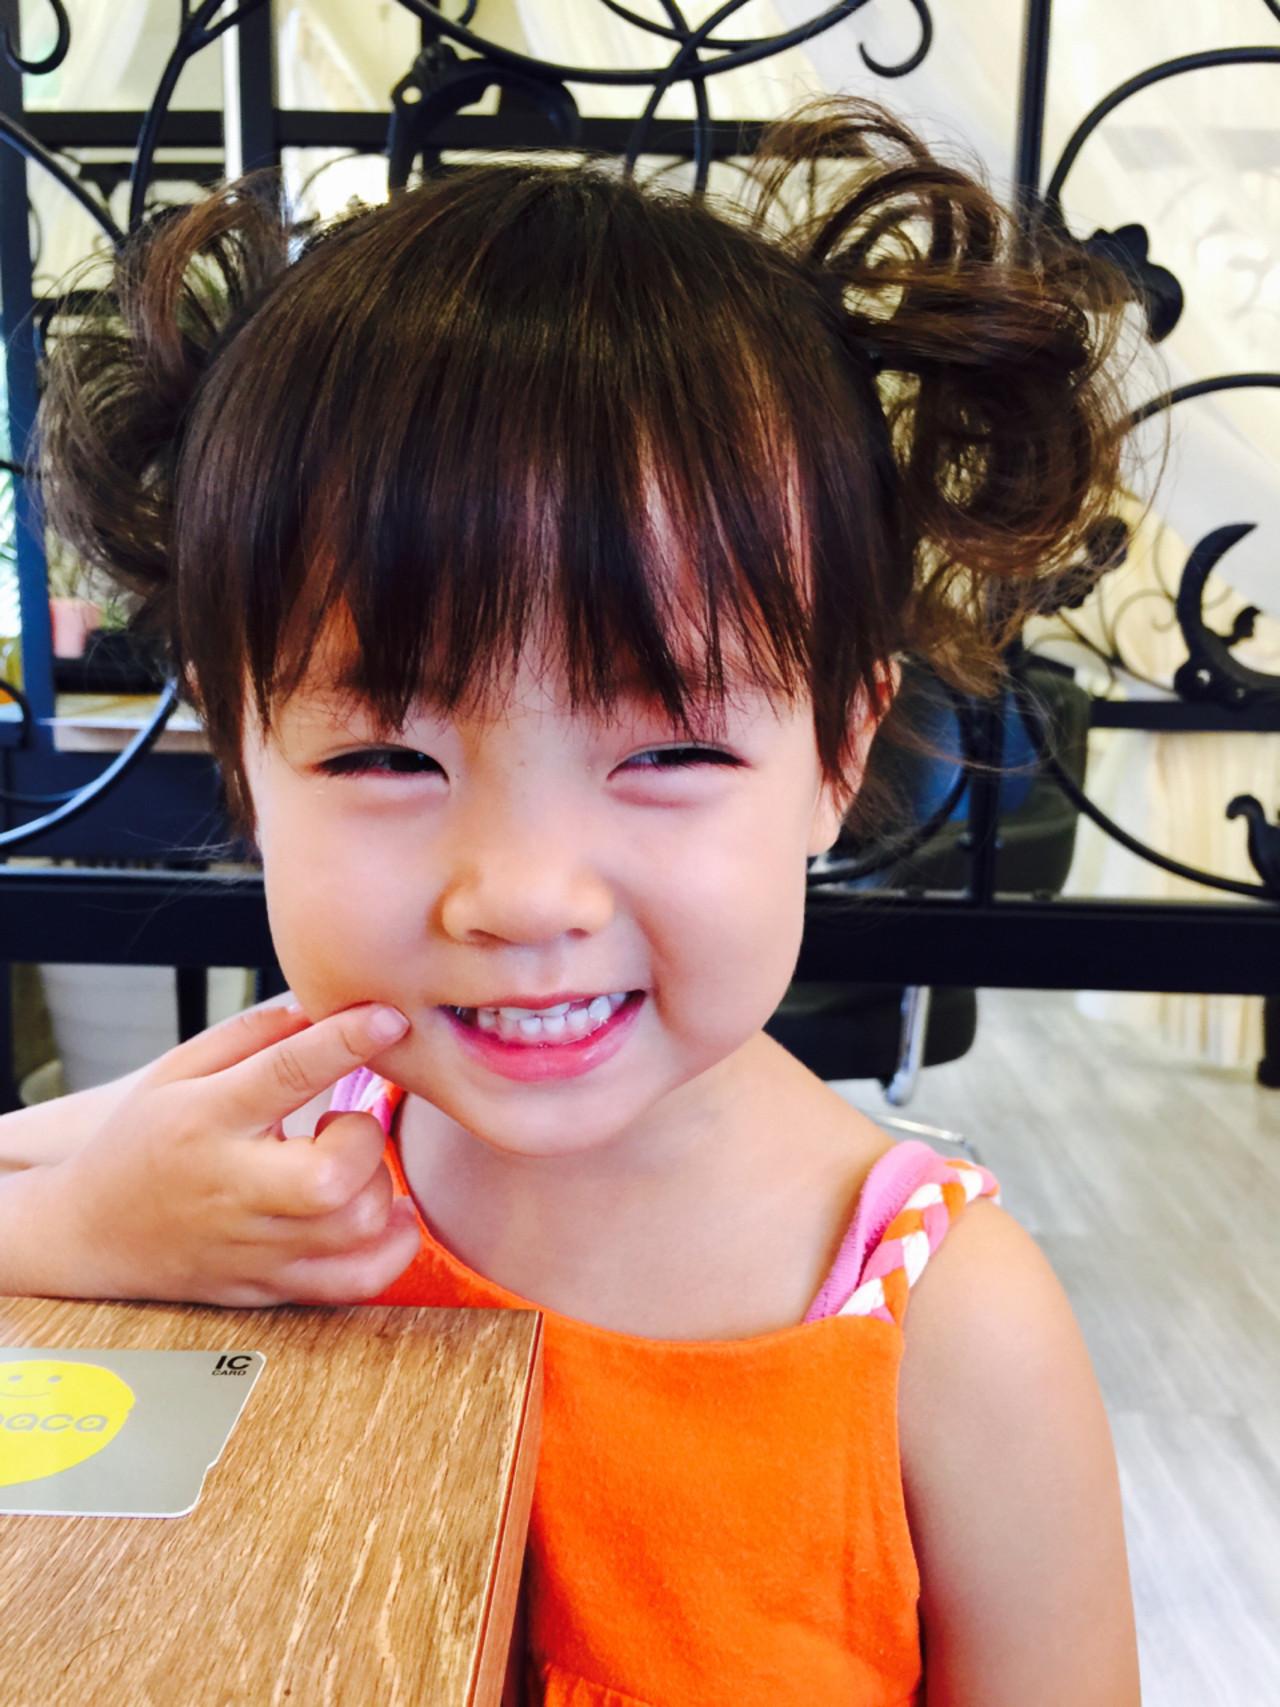 ツインテール ボブ 子供 ヘアアレンジ ヘアスタイルや髪型の写真・画像